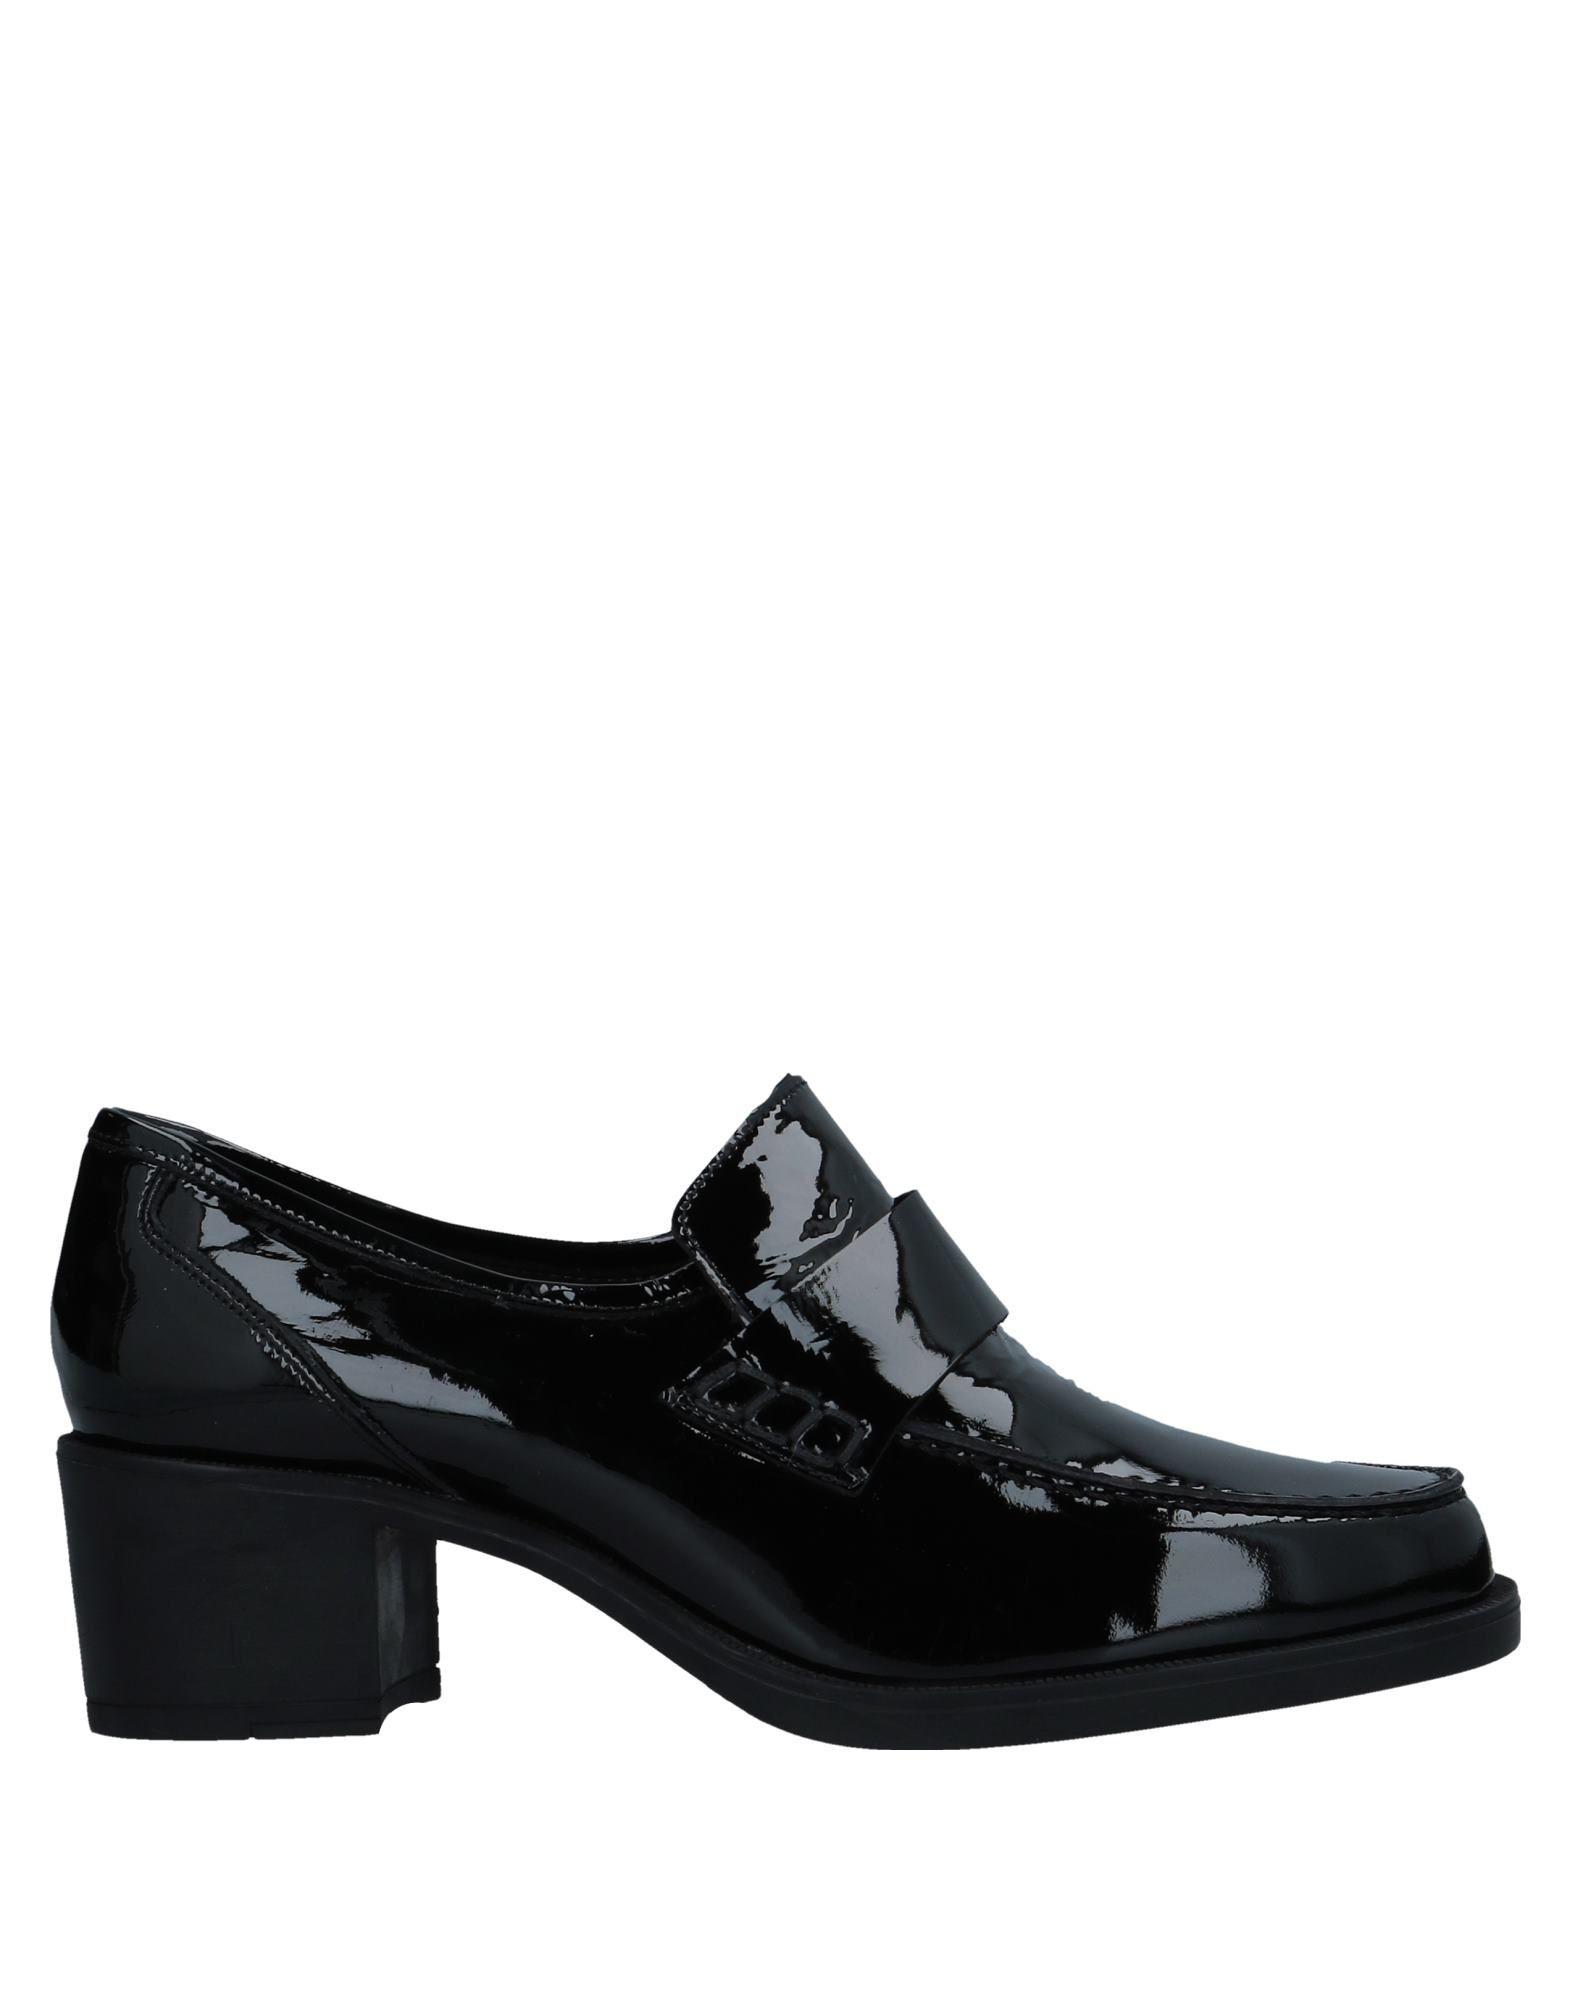 Carmine Durso Mokassins Damen Neue  11525369IQ Neue Damen Schuhe 84aa31